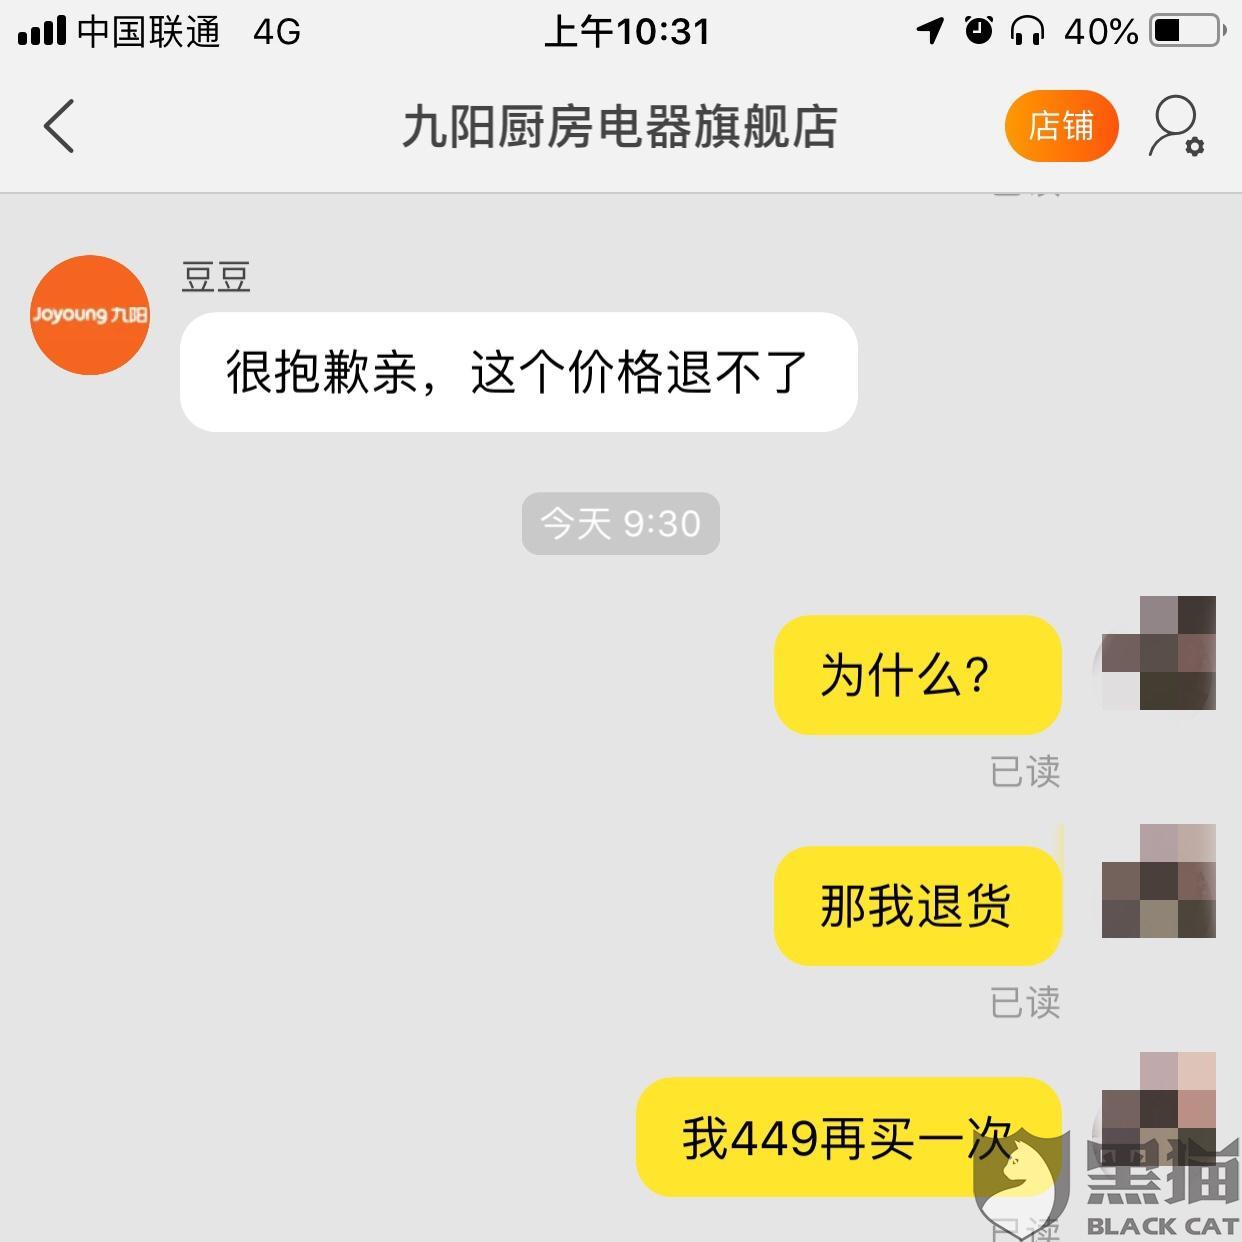 黑猫投诉:天猫九阳厨房电器旗舰店虚假宣传